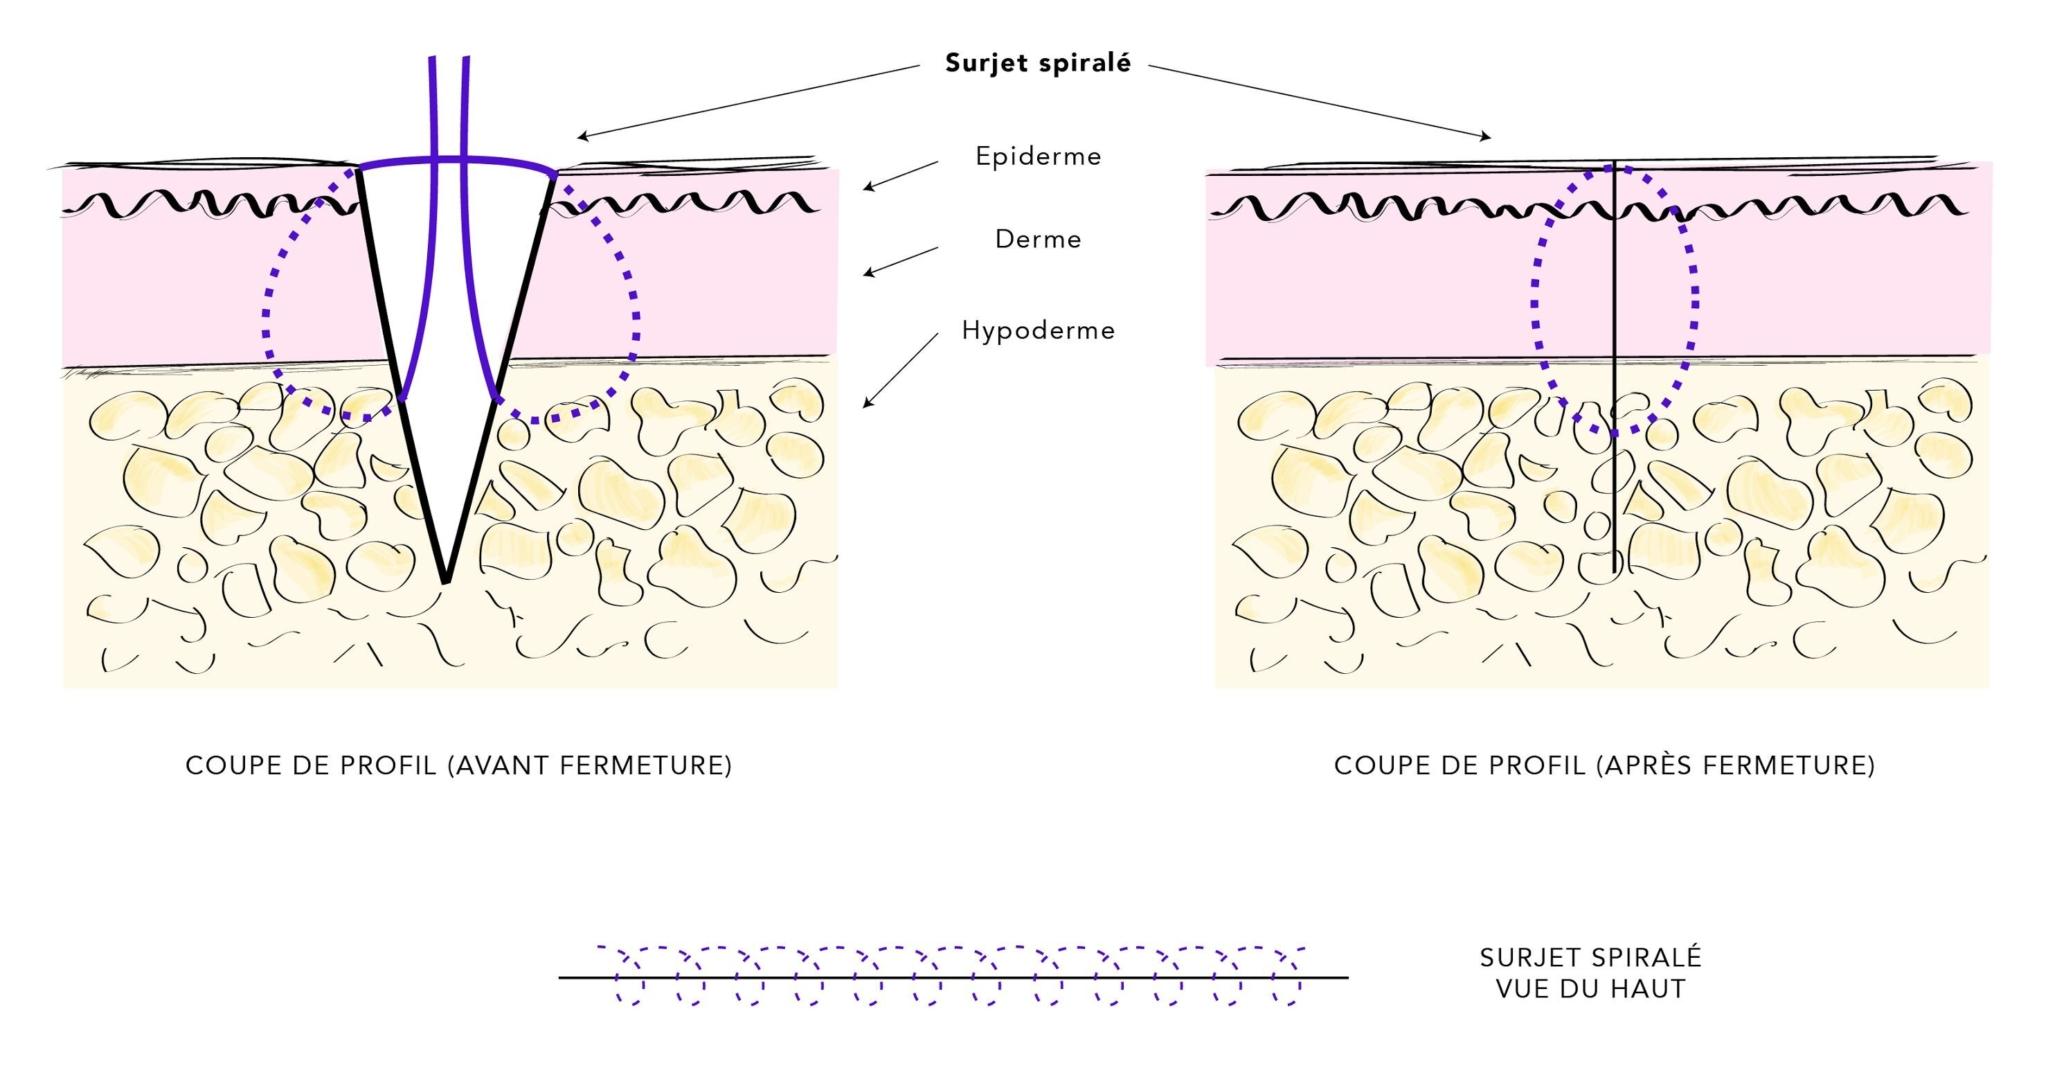 Le surjet spiralé : un nouveau concept de suture cutanée en chirurgie esthétique de la silhouette pour optimiser la cicatrisation